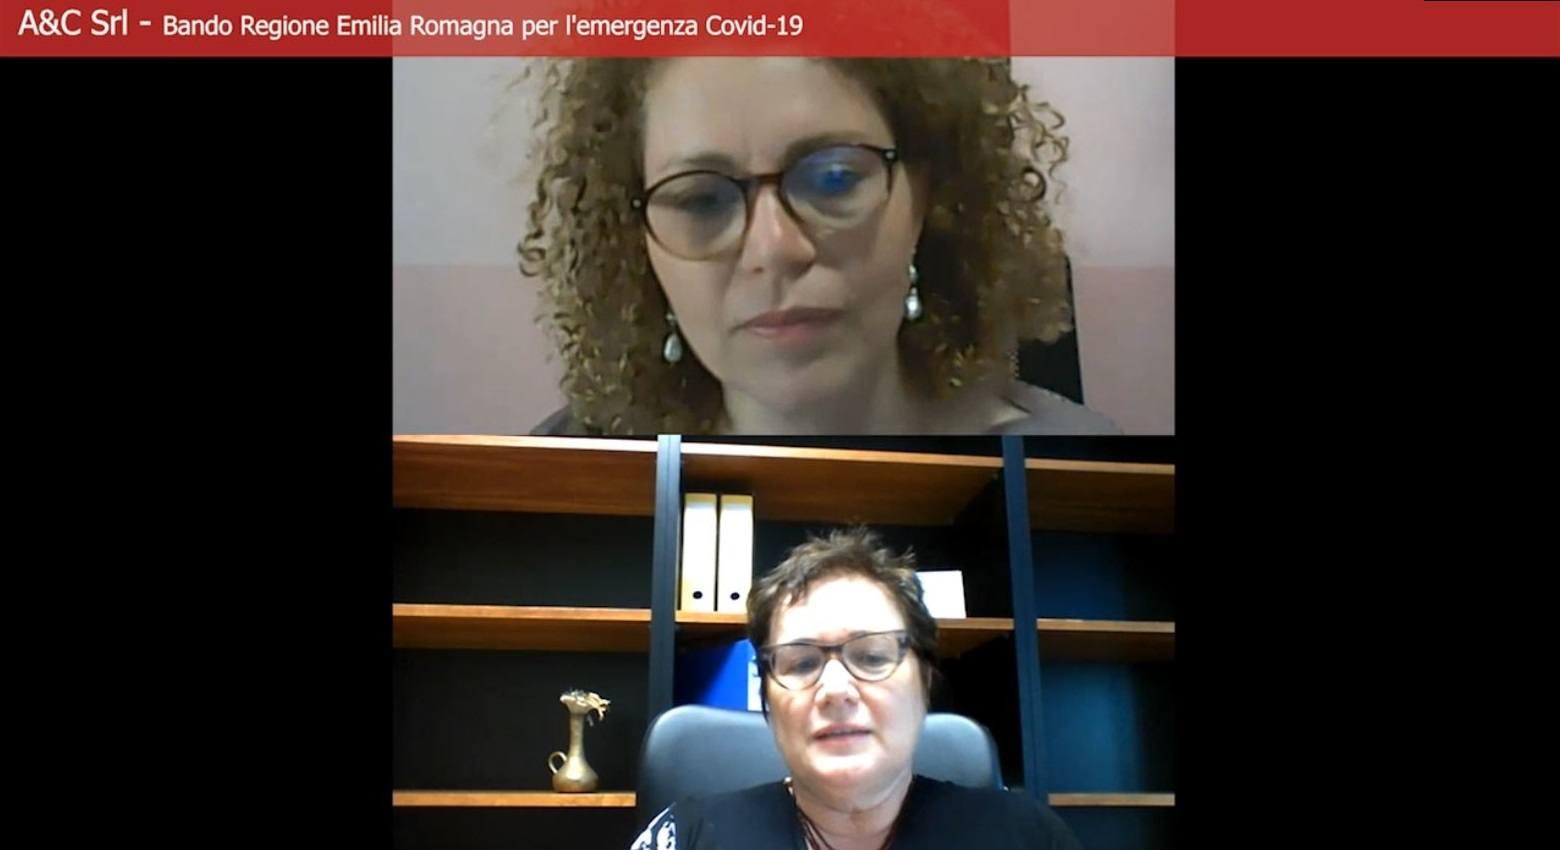 Intervista online a Franca Marzi di A&C Srl